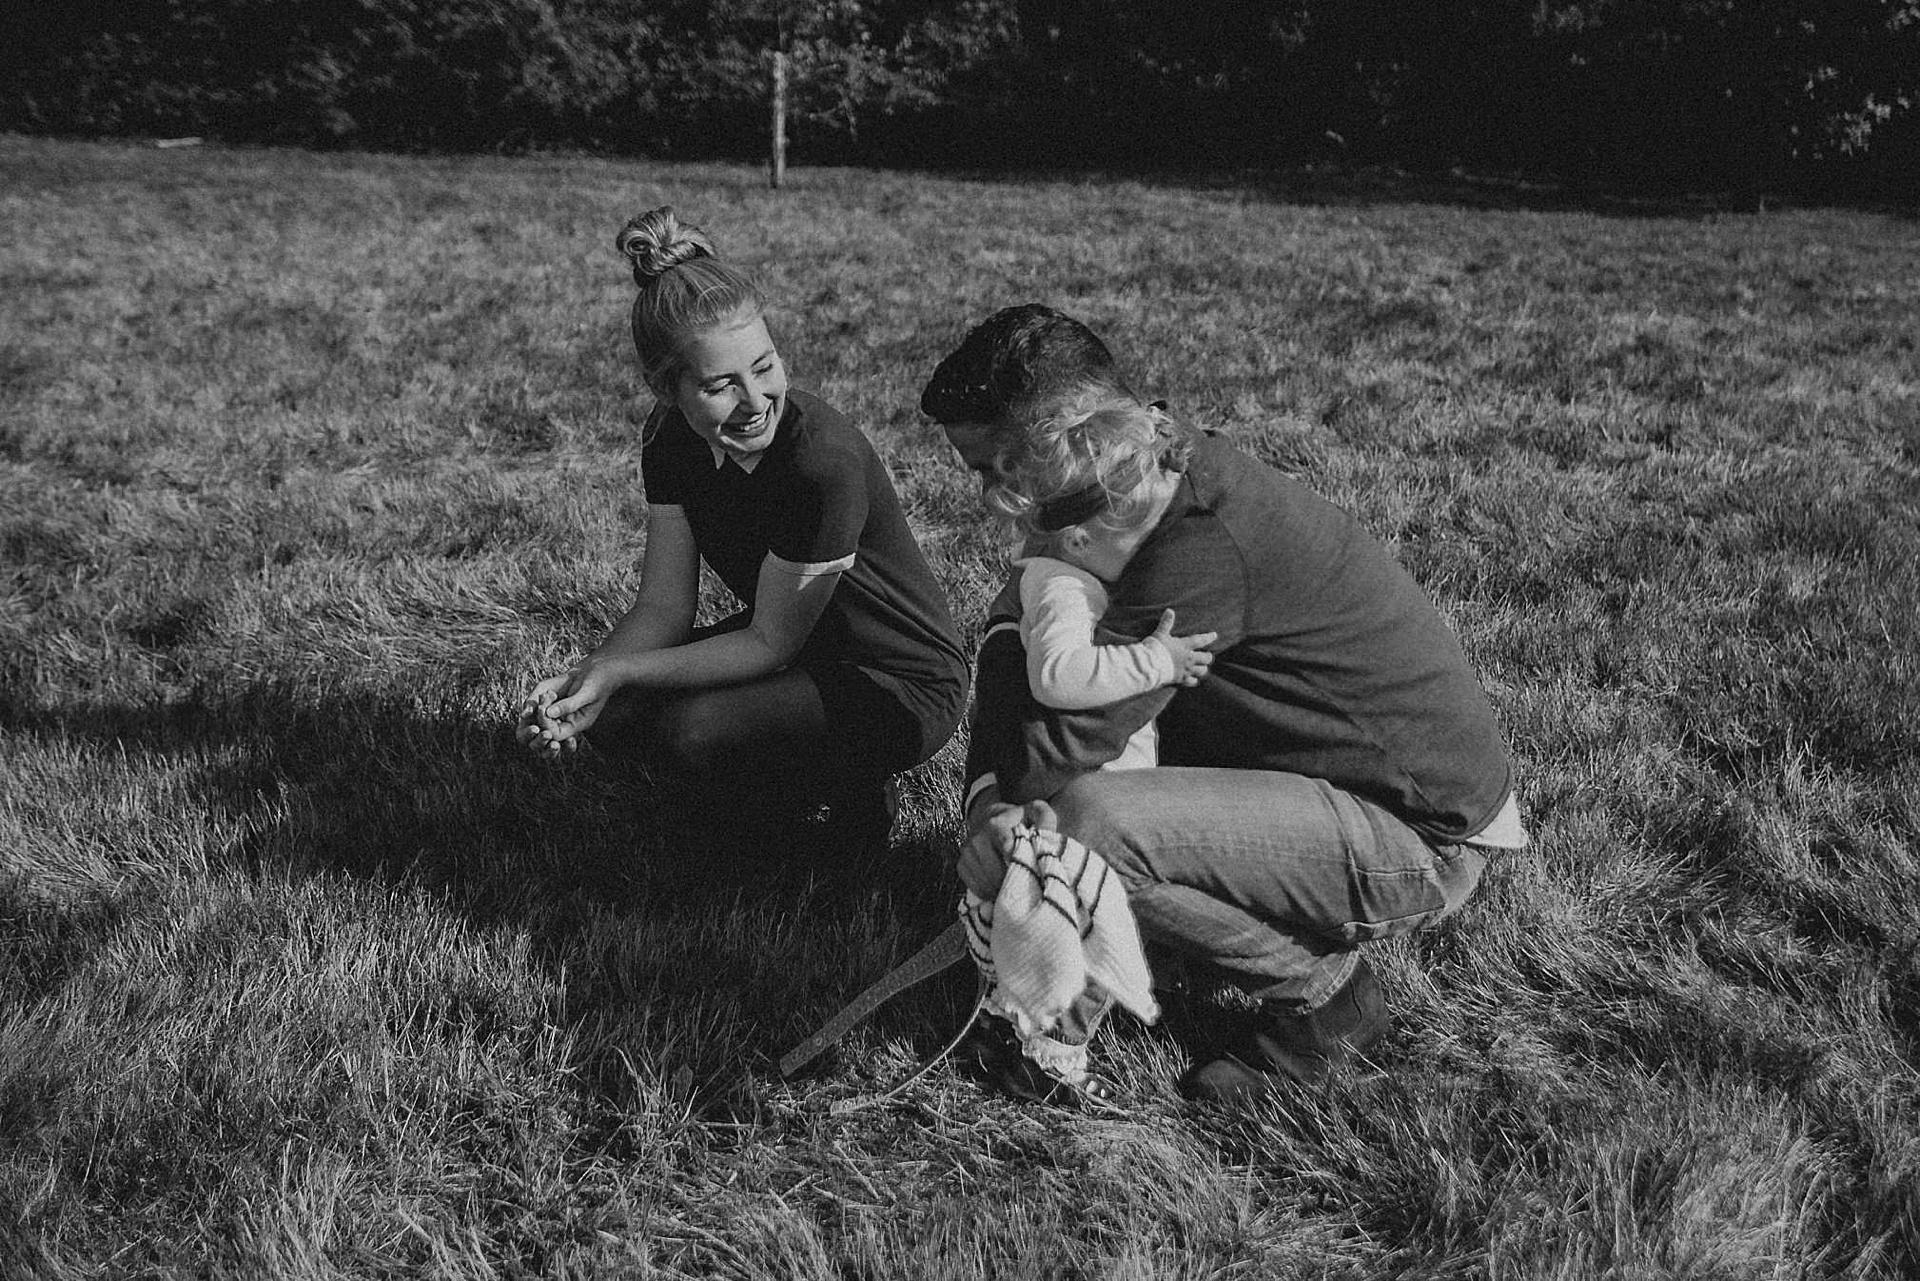 familienfotograf-familien-reportage-bremen-danielzube-familienfotografie_0009.jpg